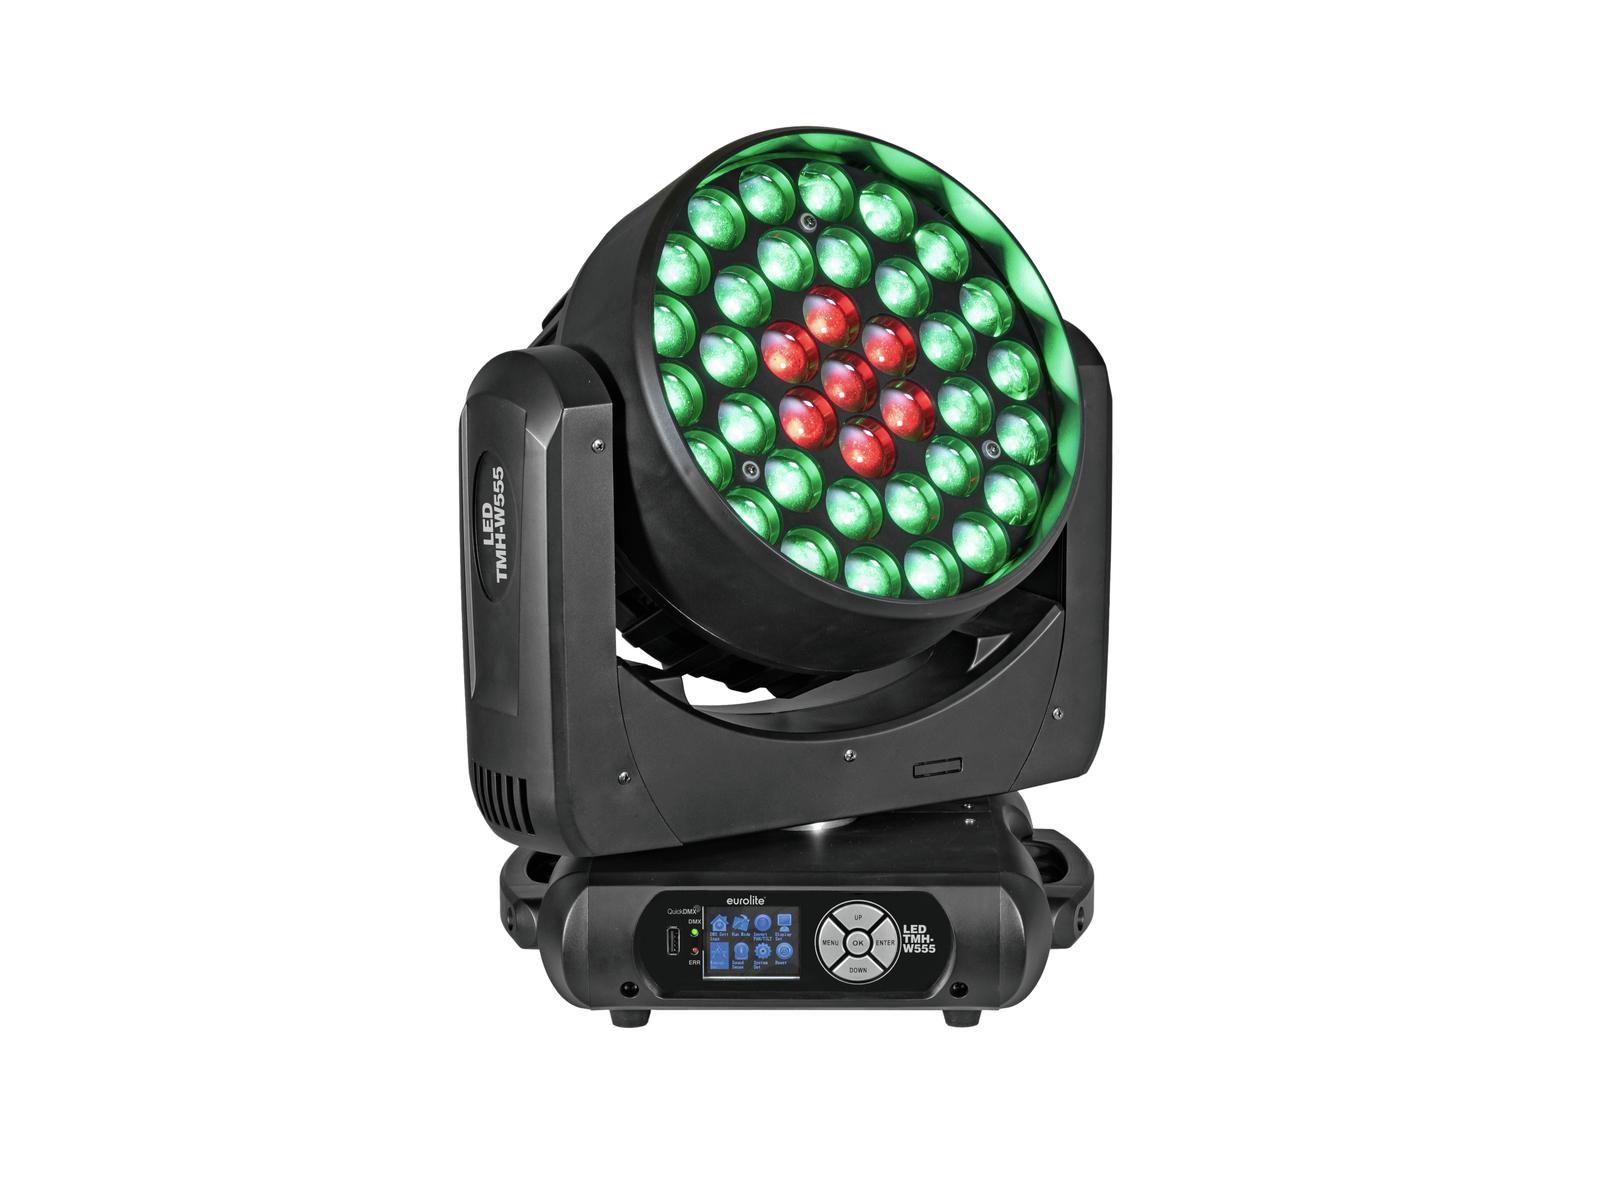 EUROLITE LED TMH-W555 Moving-Head Wash Zoom